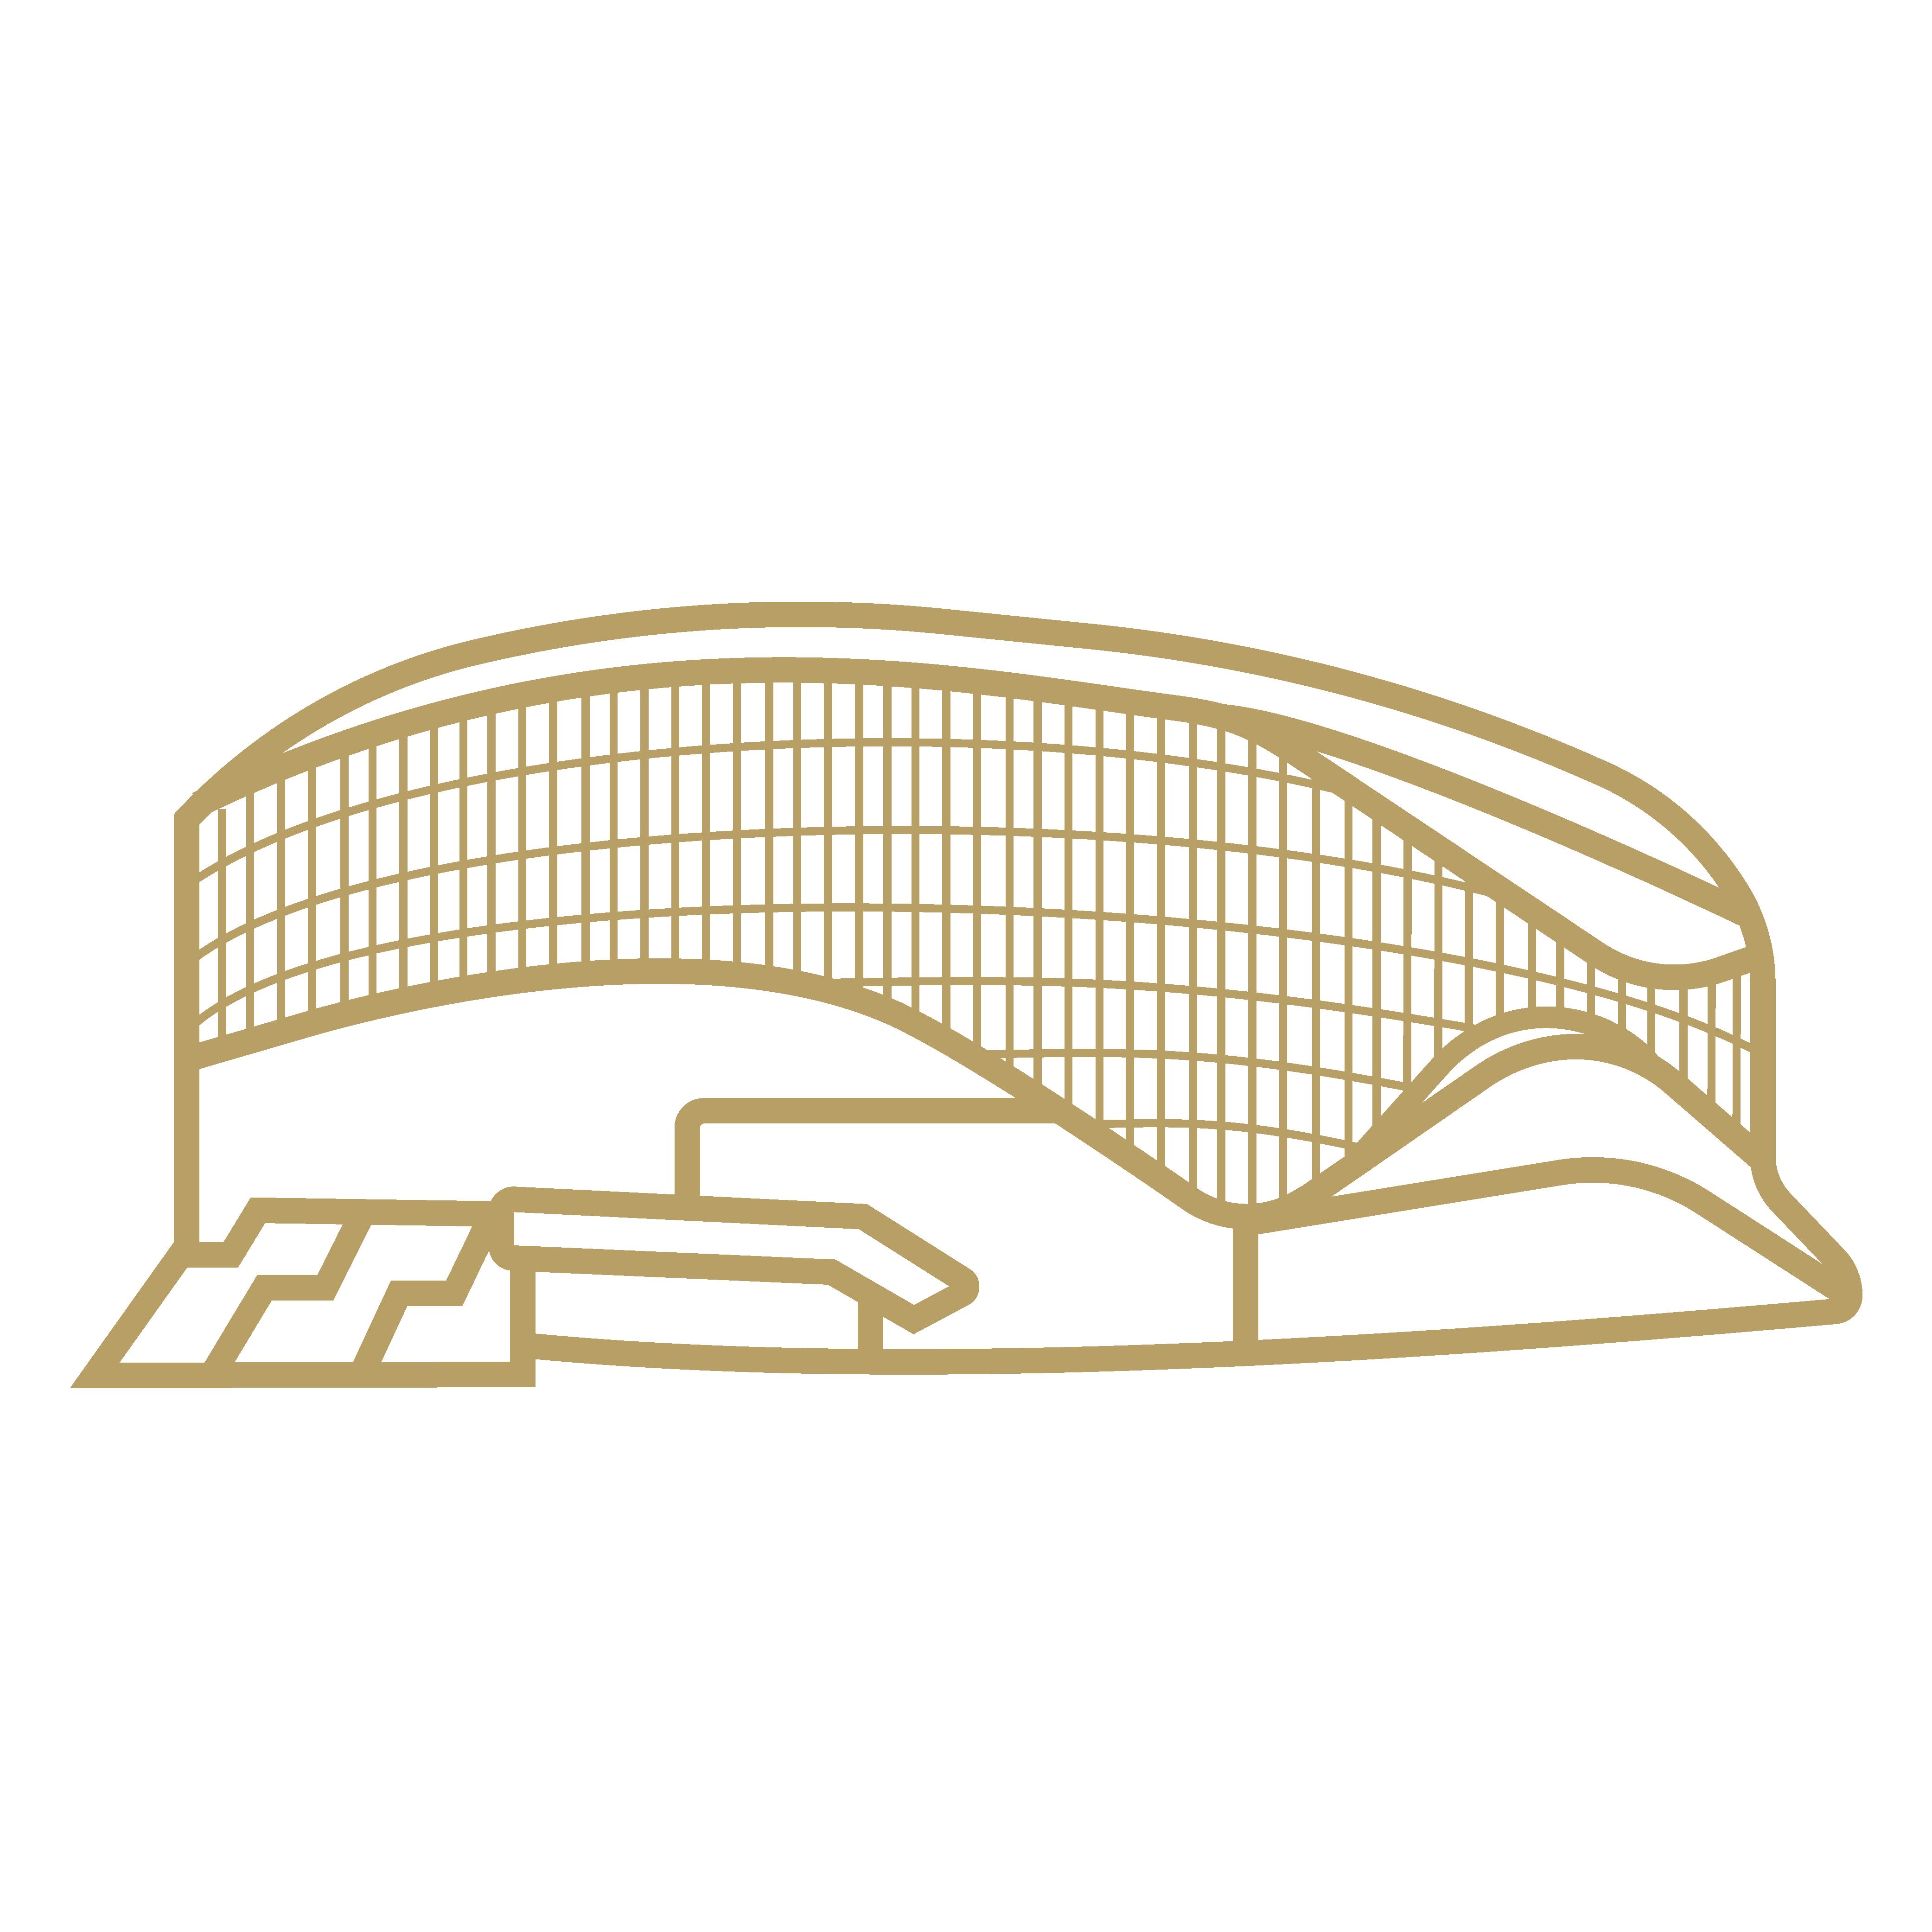 Tottenham Hotspur Stadium Gold-01